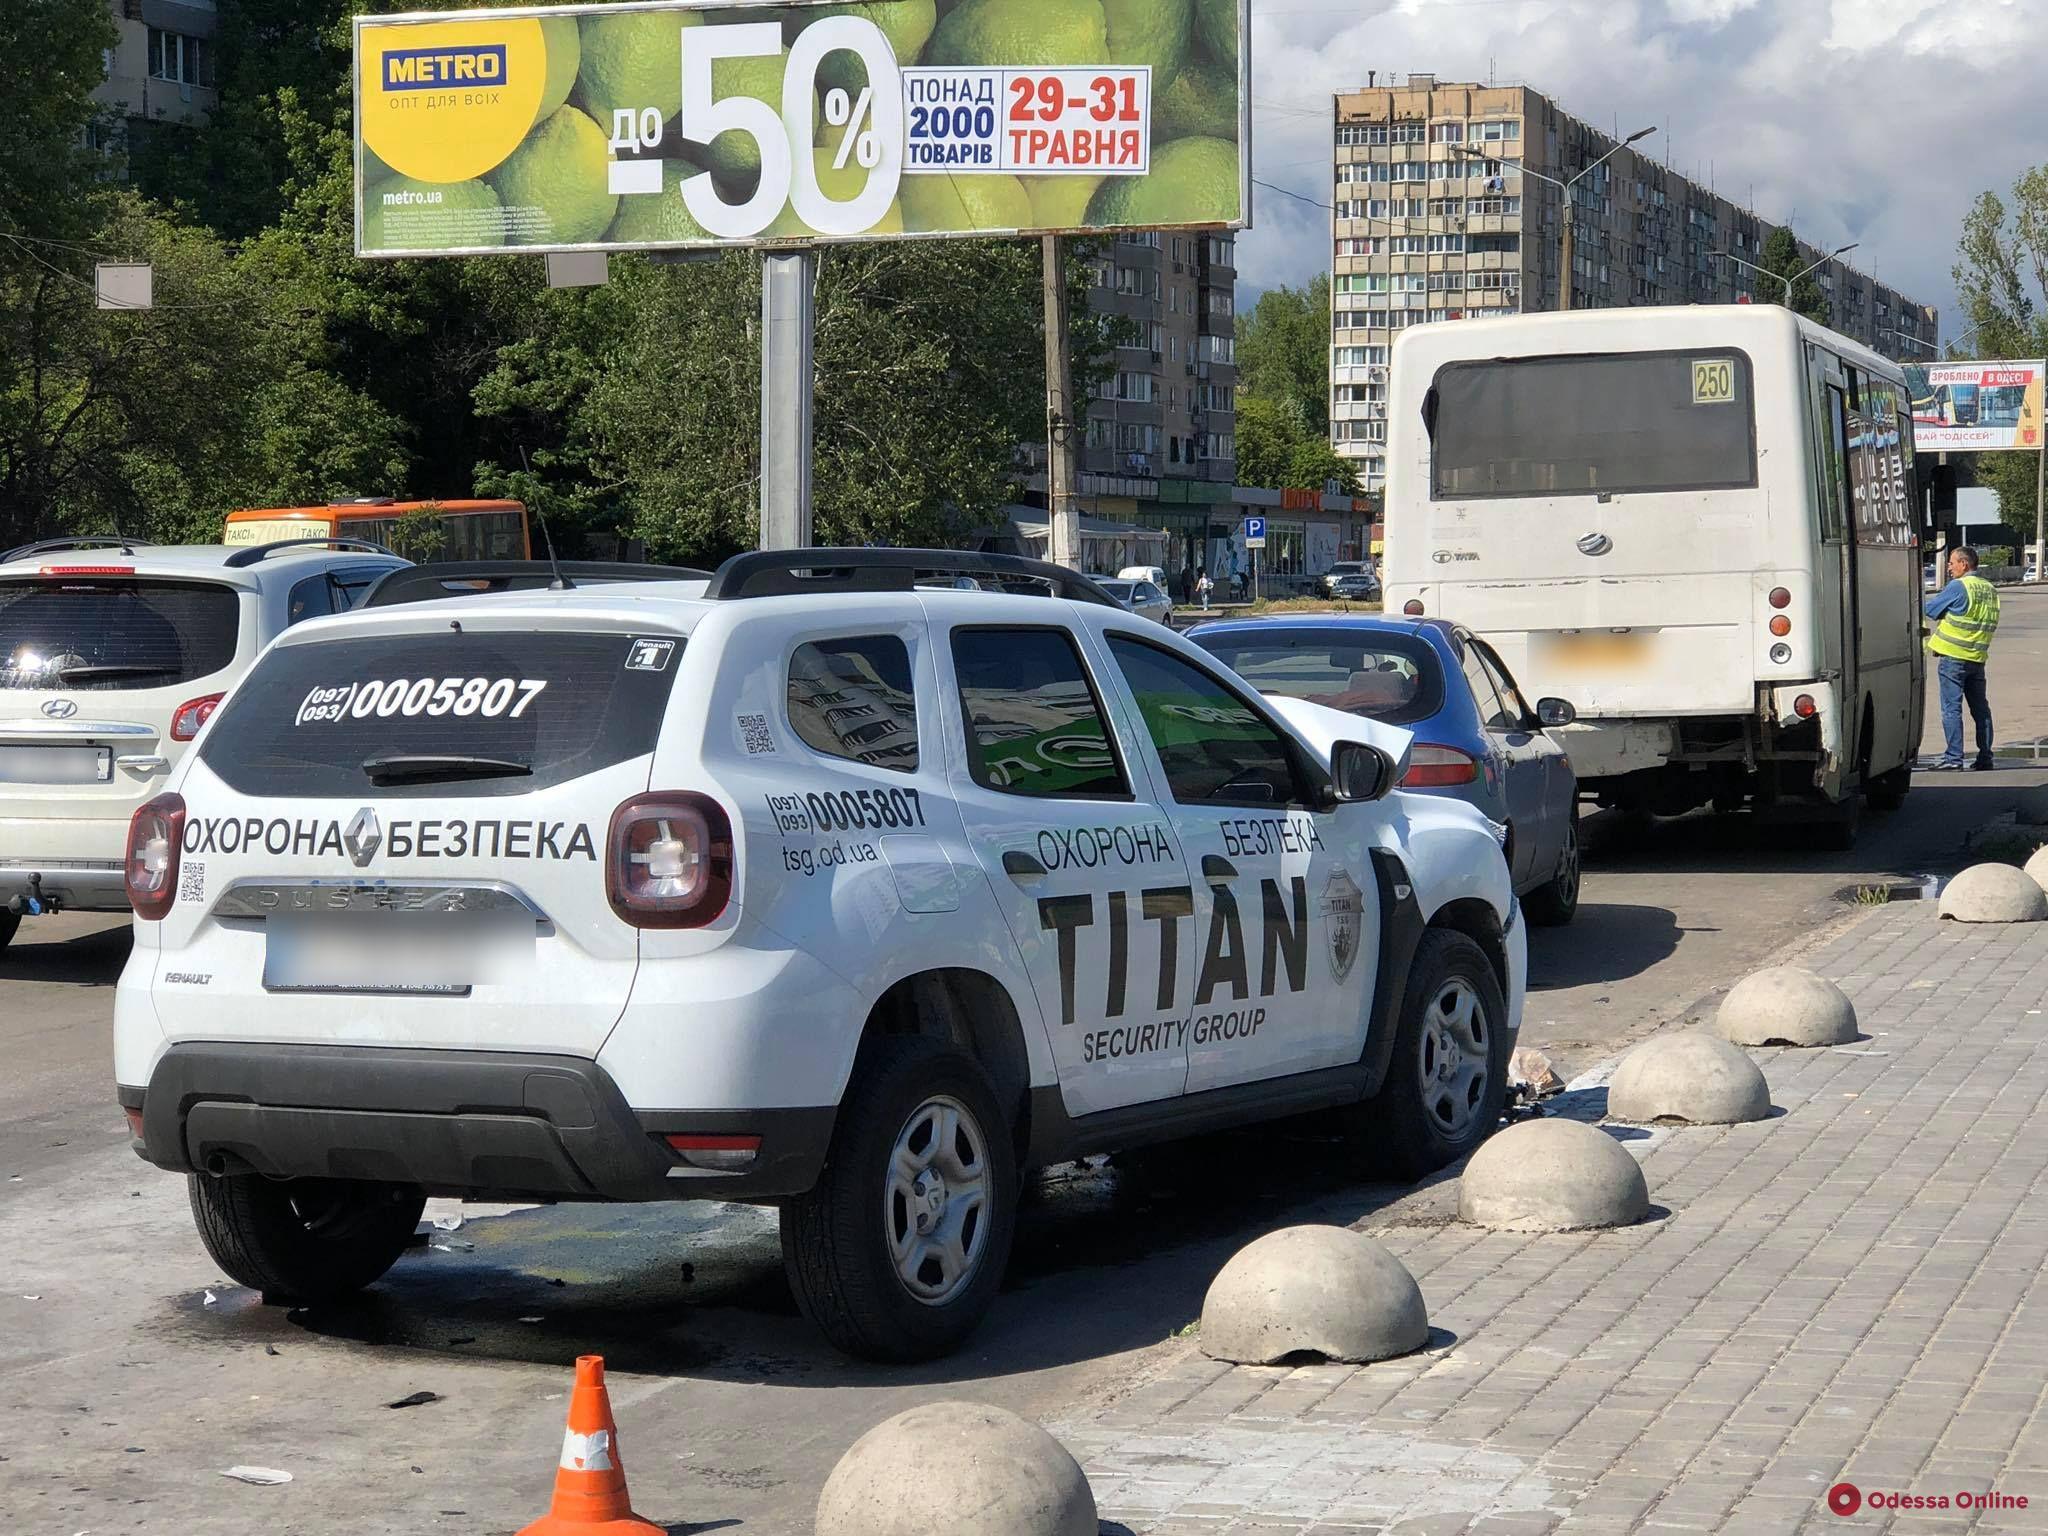 На поселке Котовского произошло тройное ДТП — один из автомобилей загорелся (фото)